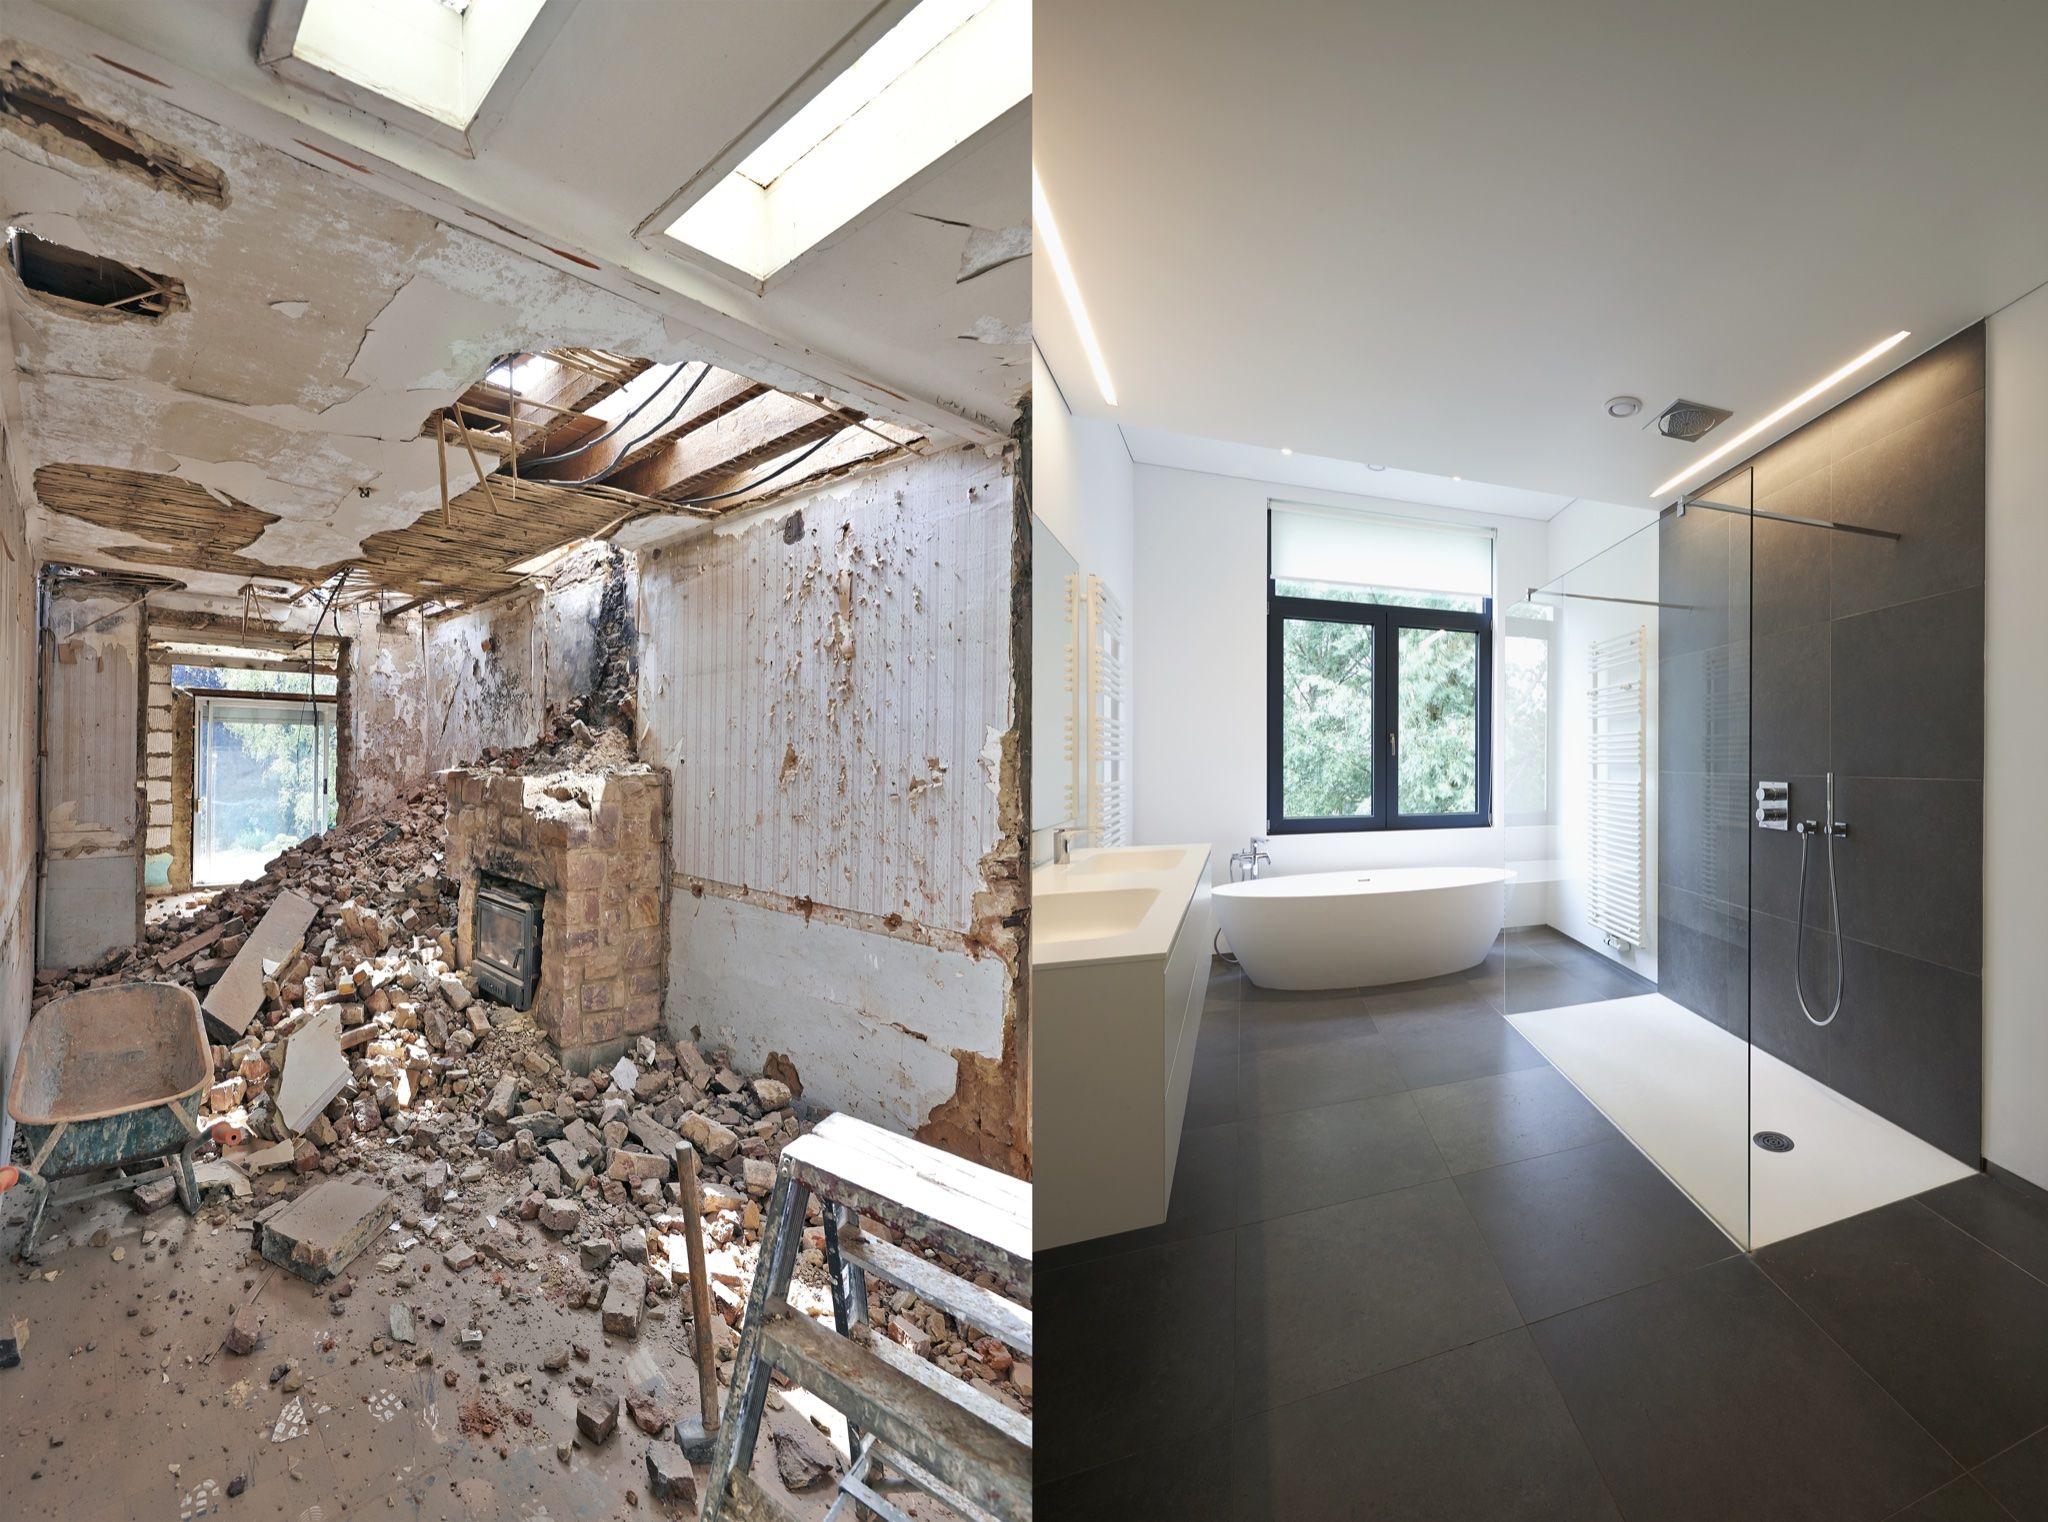 Badkamer Renovatie De Gemiddelde Kosten Werkspot